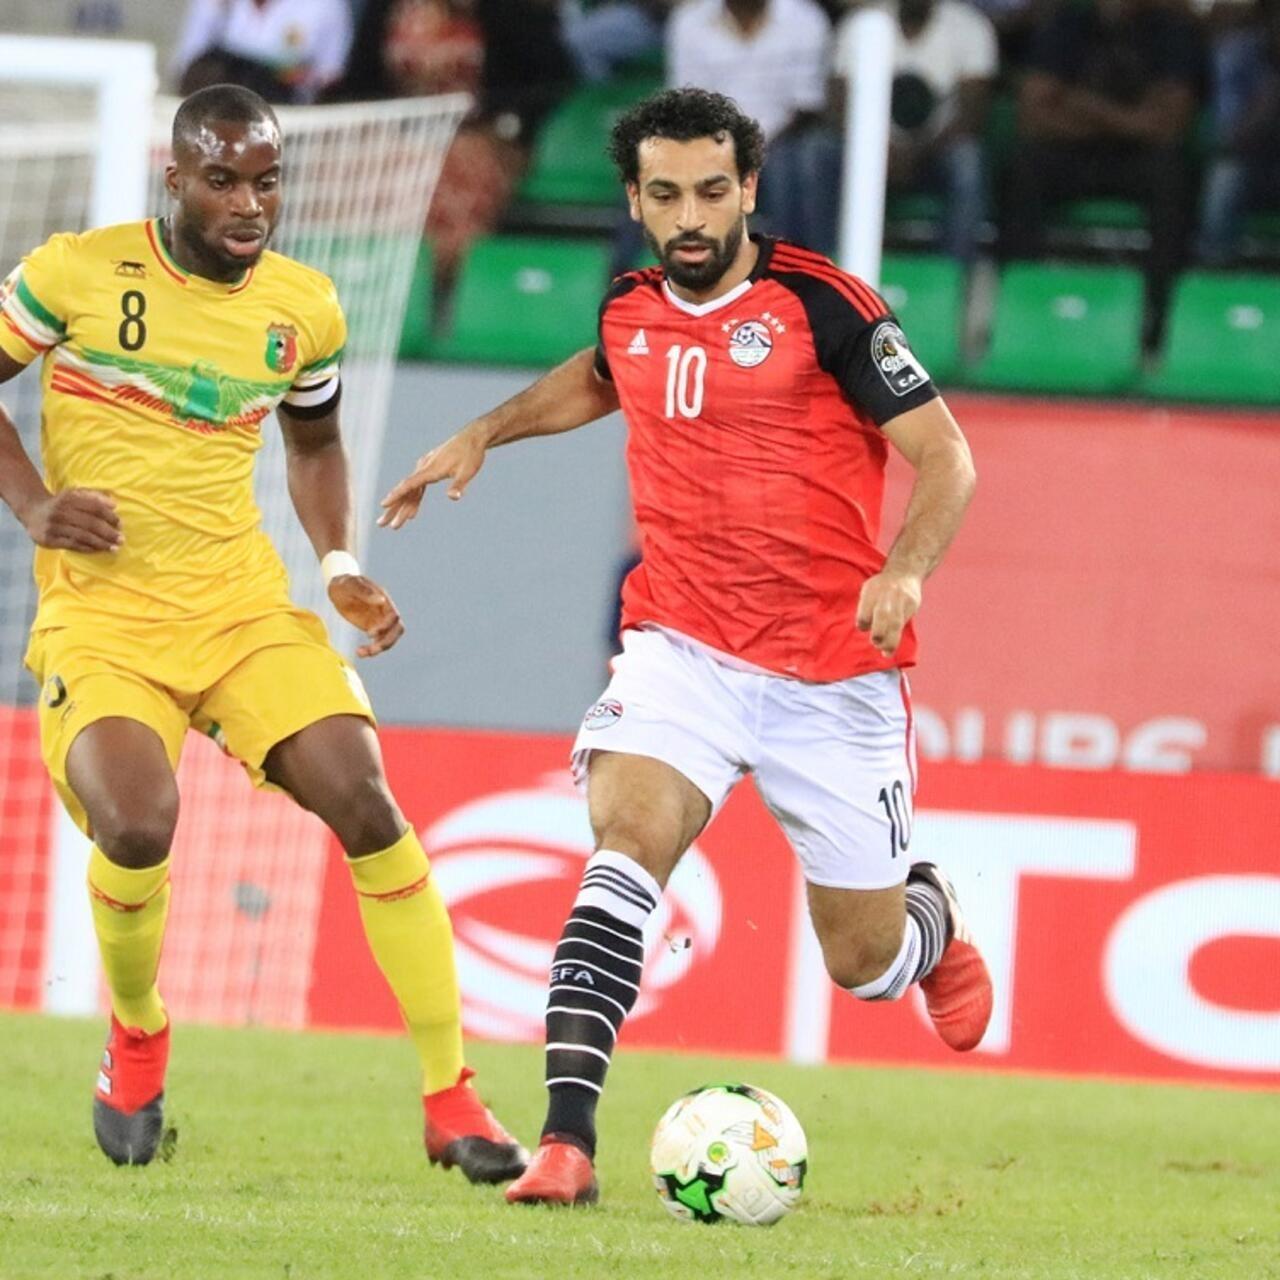 كأس الأمم الأفريقية 2017: المنتخب المصري في طريقه إلى الدور النهائي للمرة  التاسعة في تاريخه